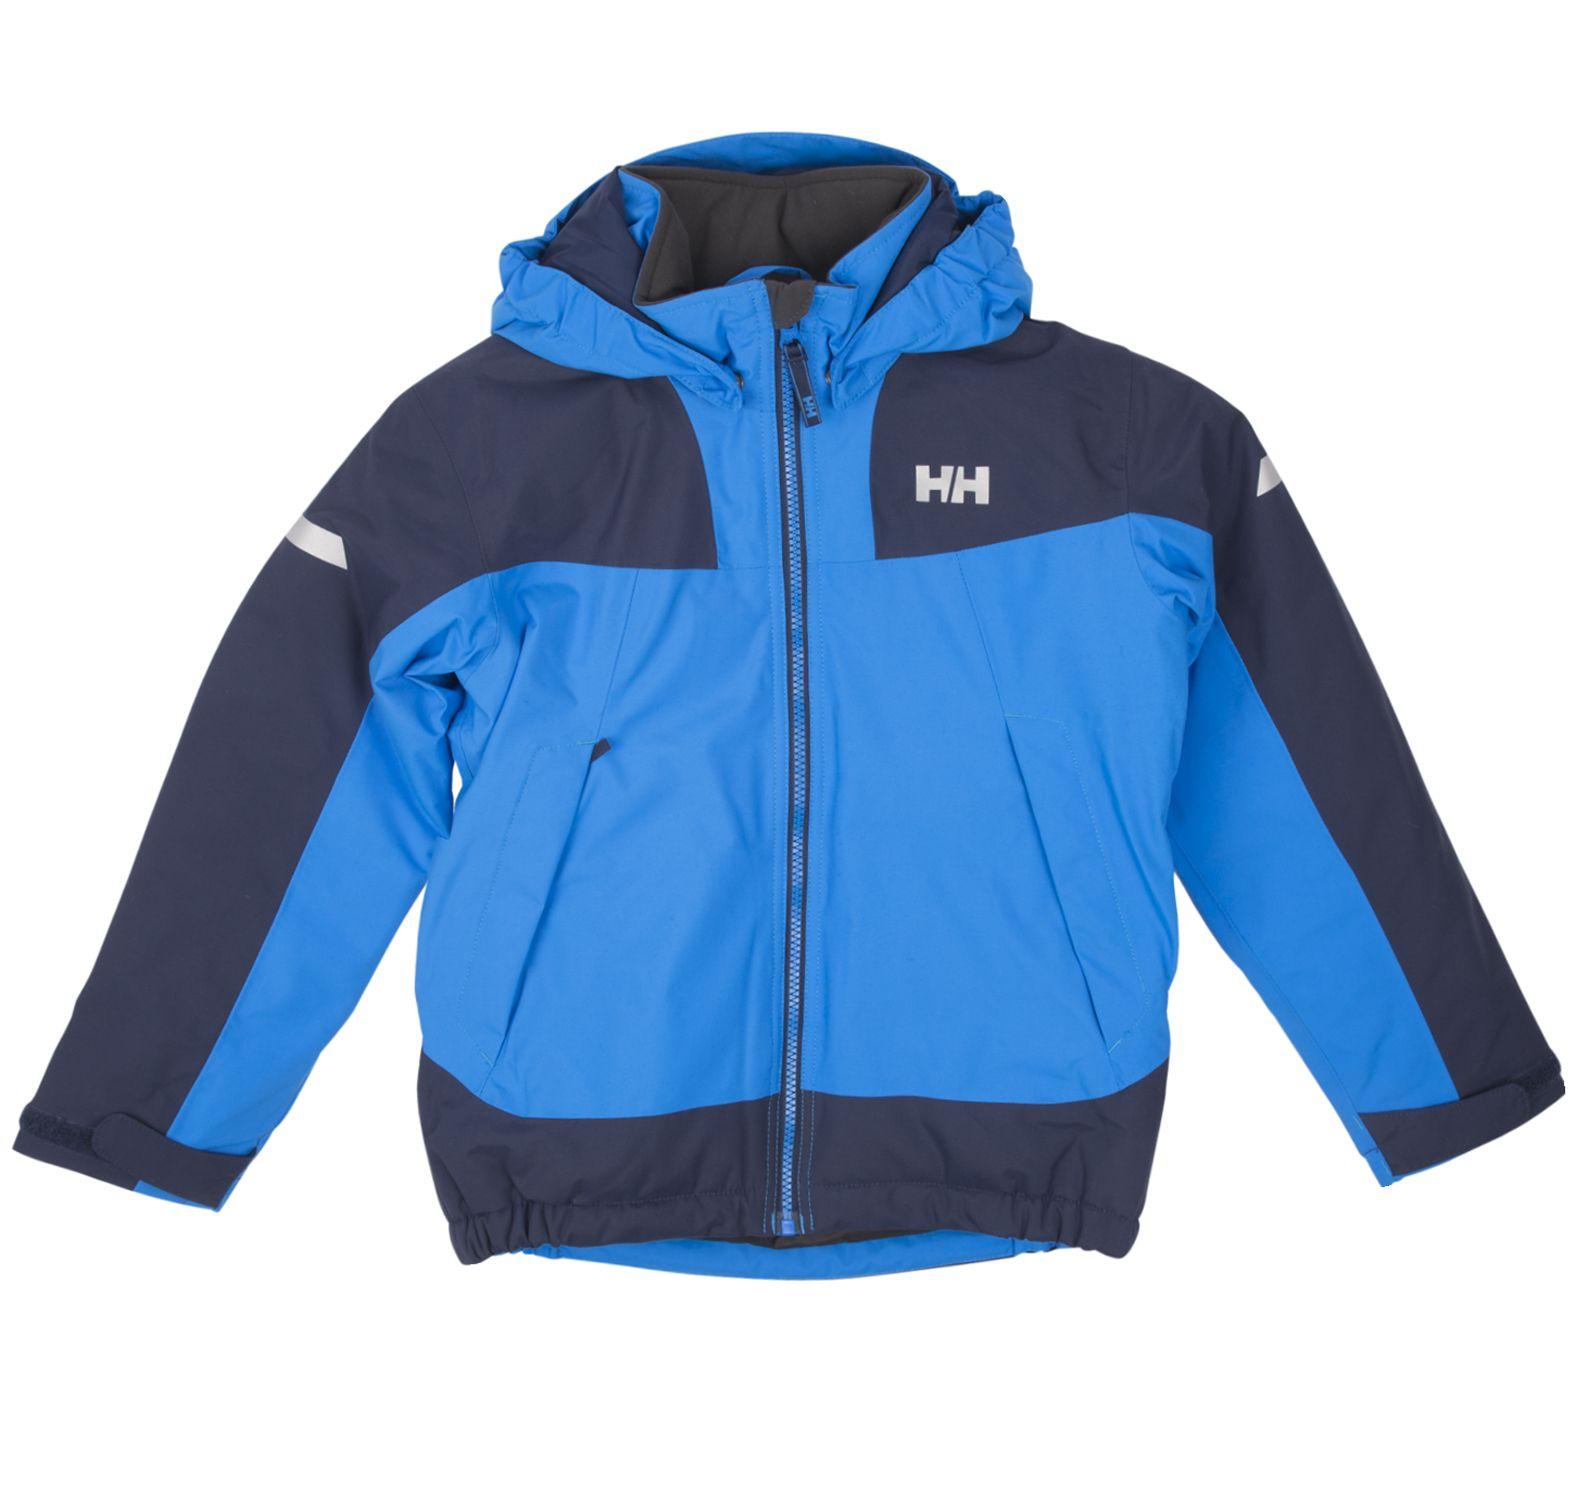 K Velocity Jacket, 536 Racer Blue, 92